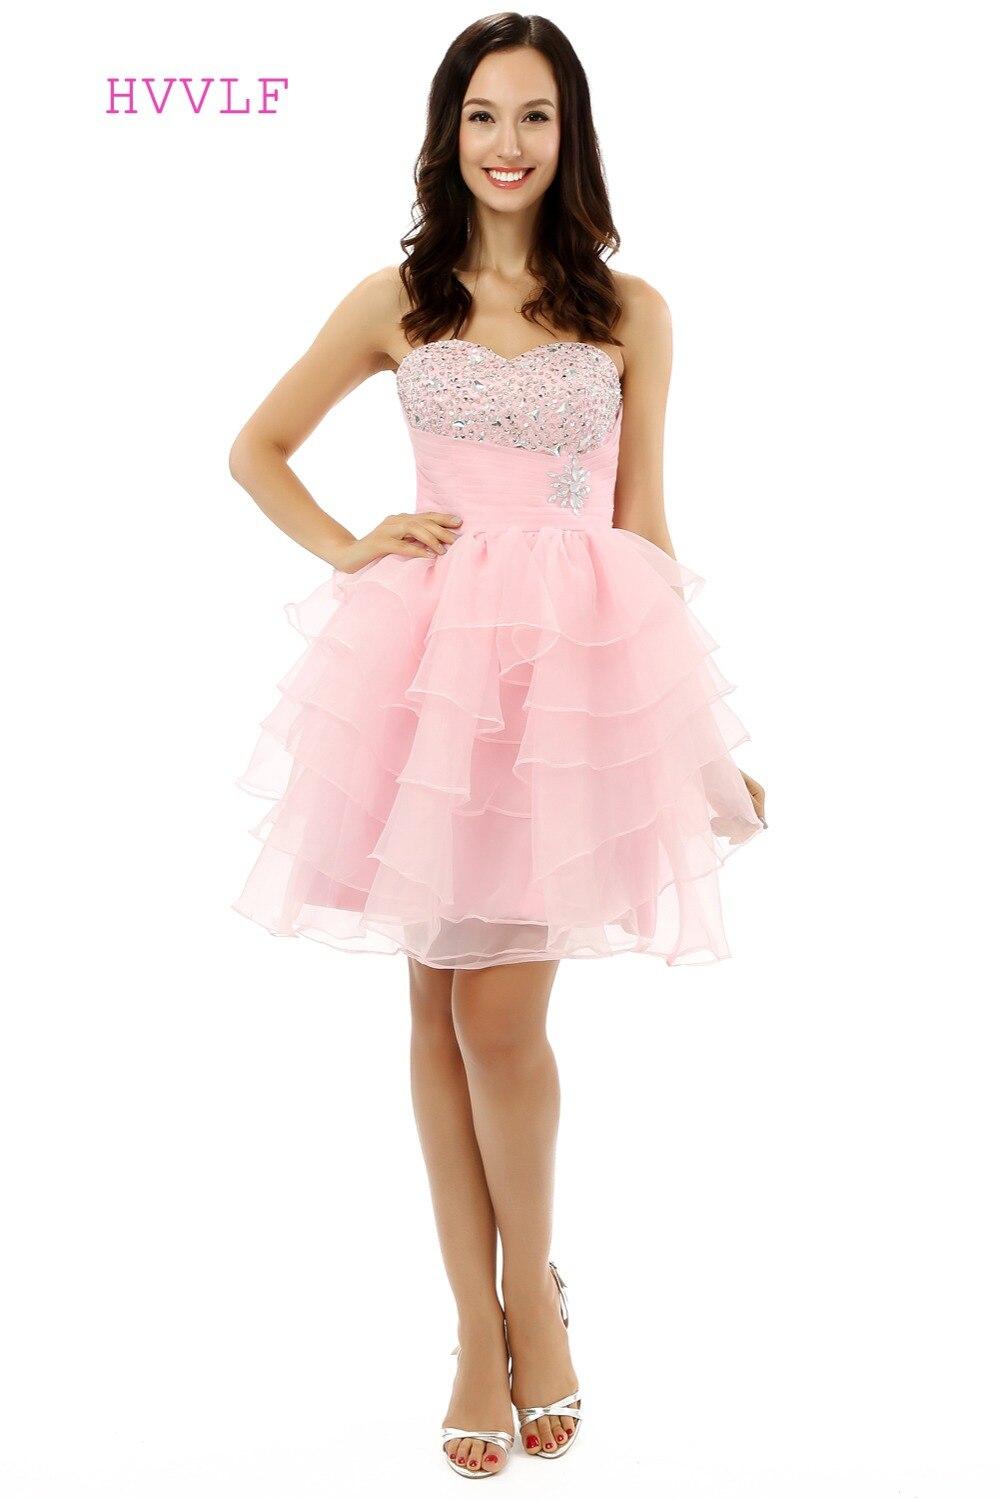 Compra vintage short sweet 16 dress y disfruta del envío gratuito en ...